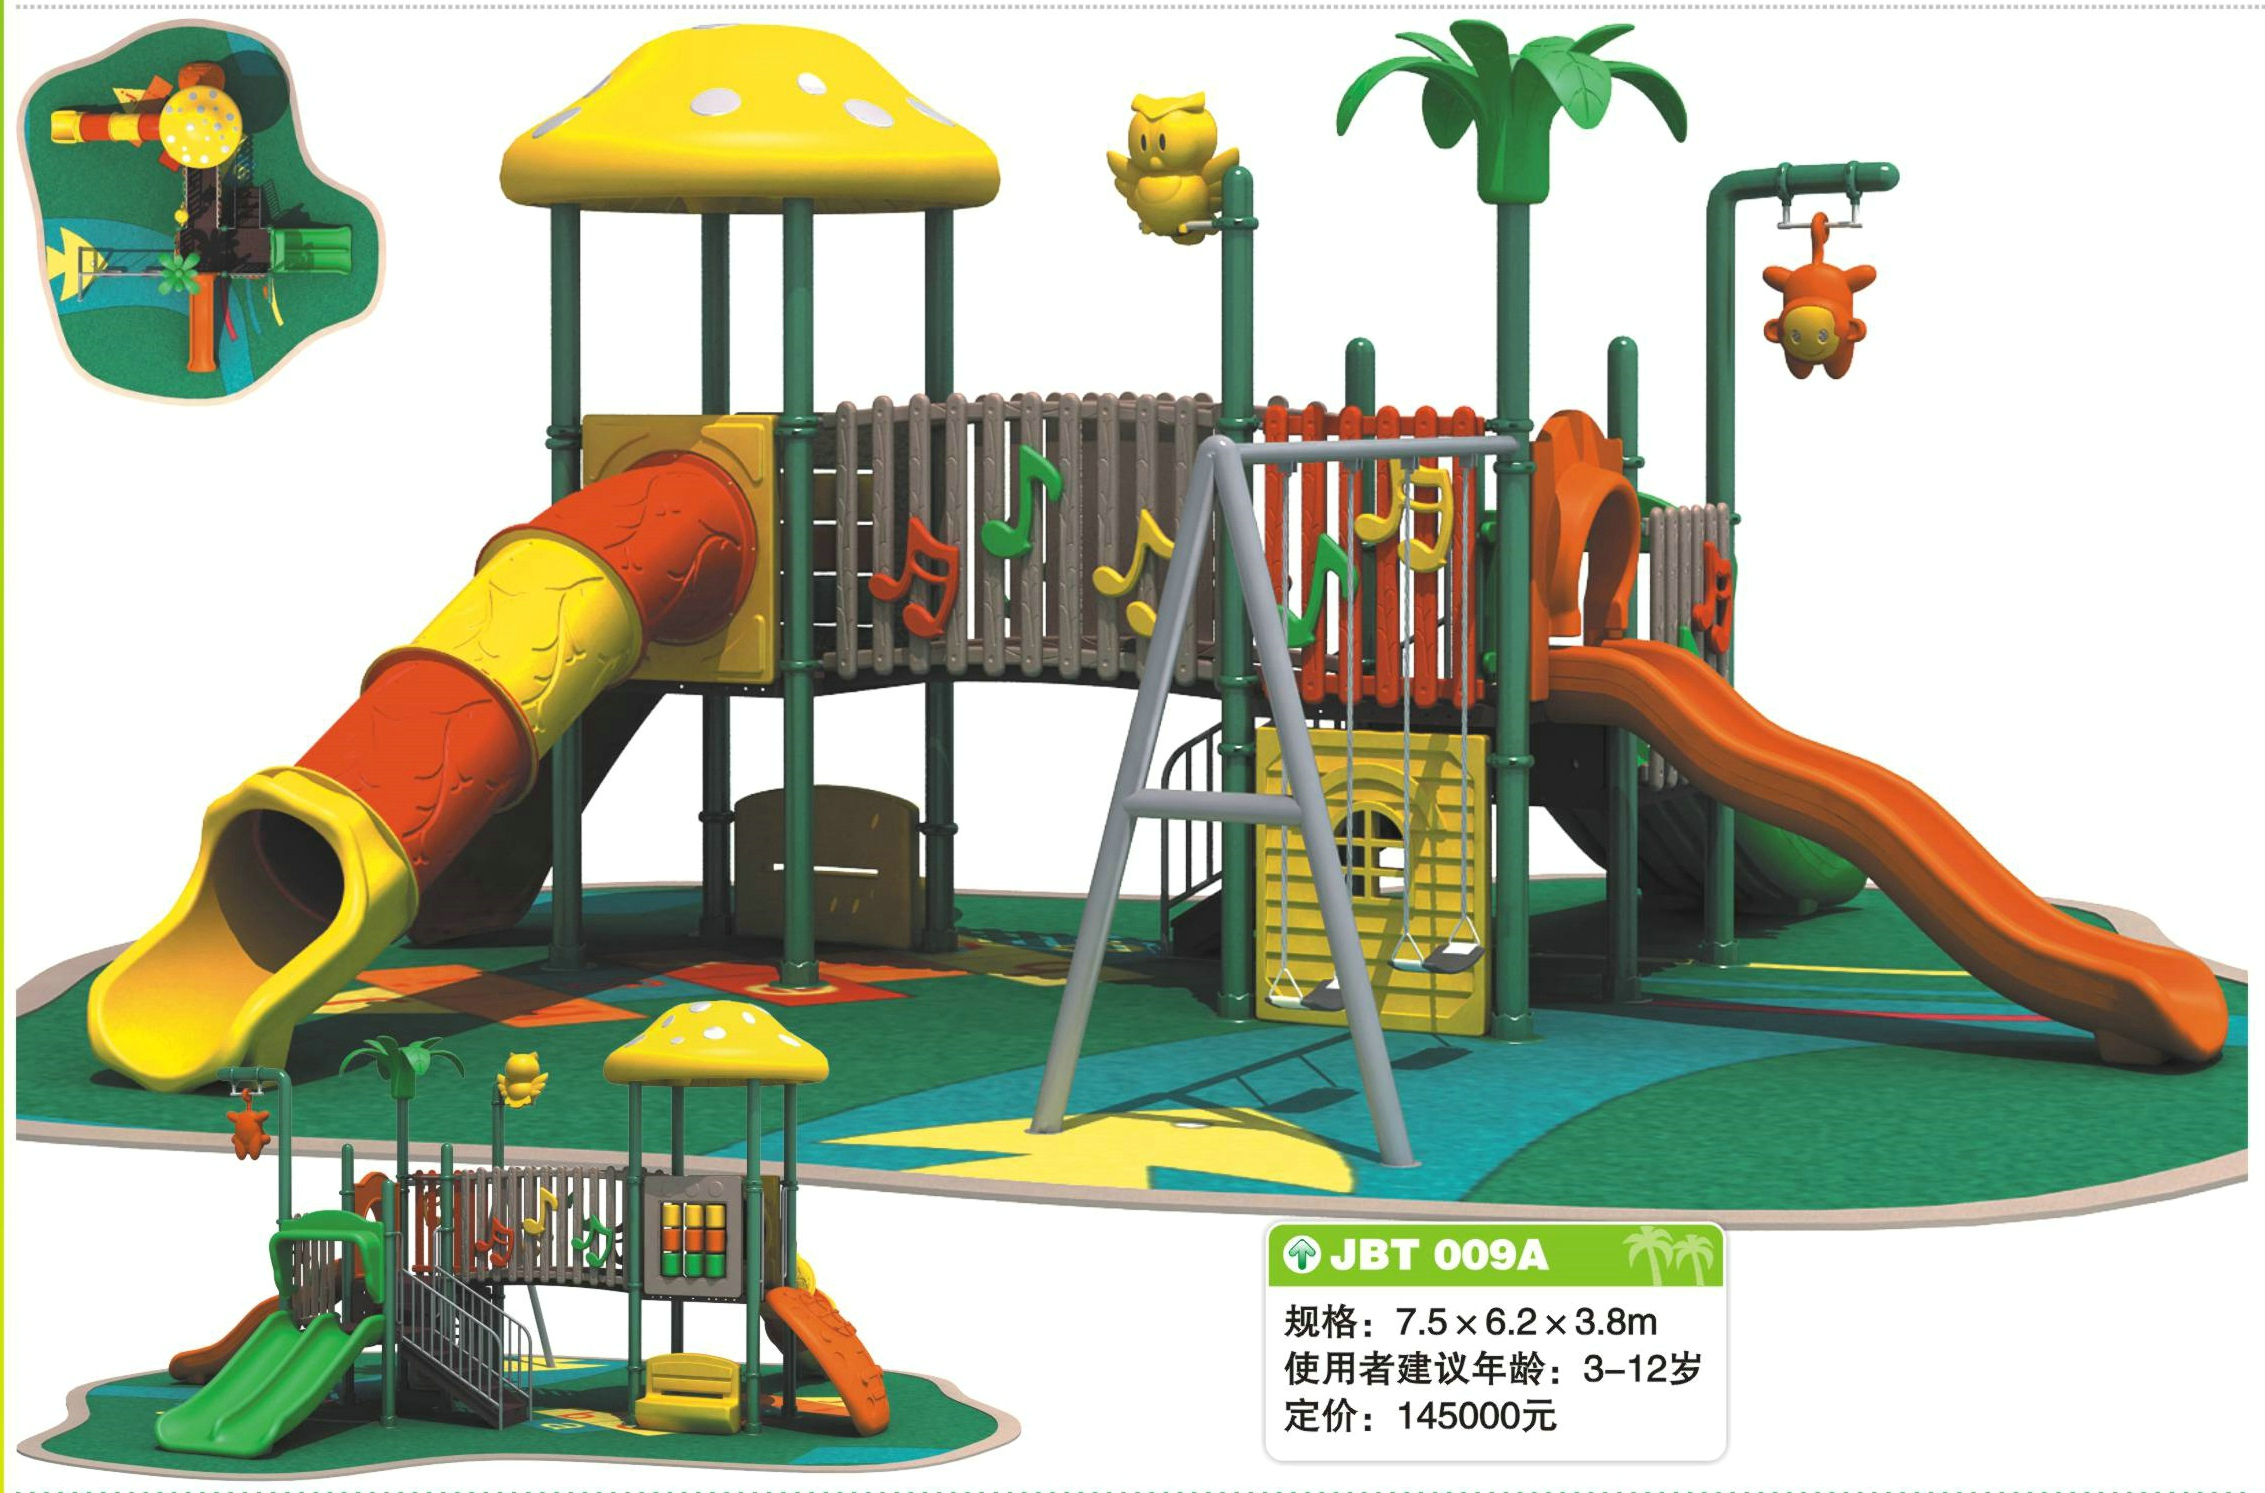 大型滑梯玩具,儿童滑梯厂家